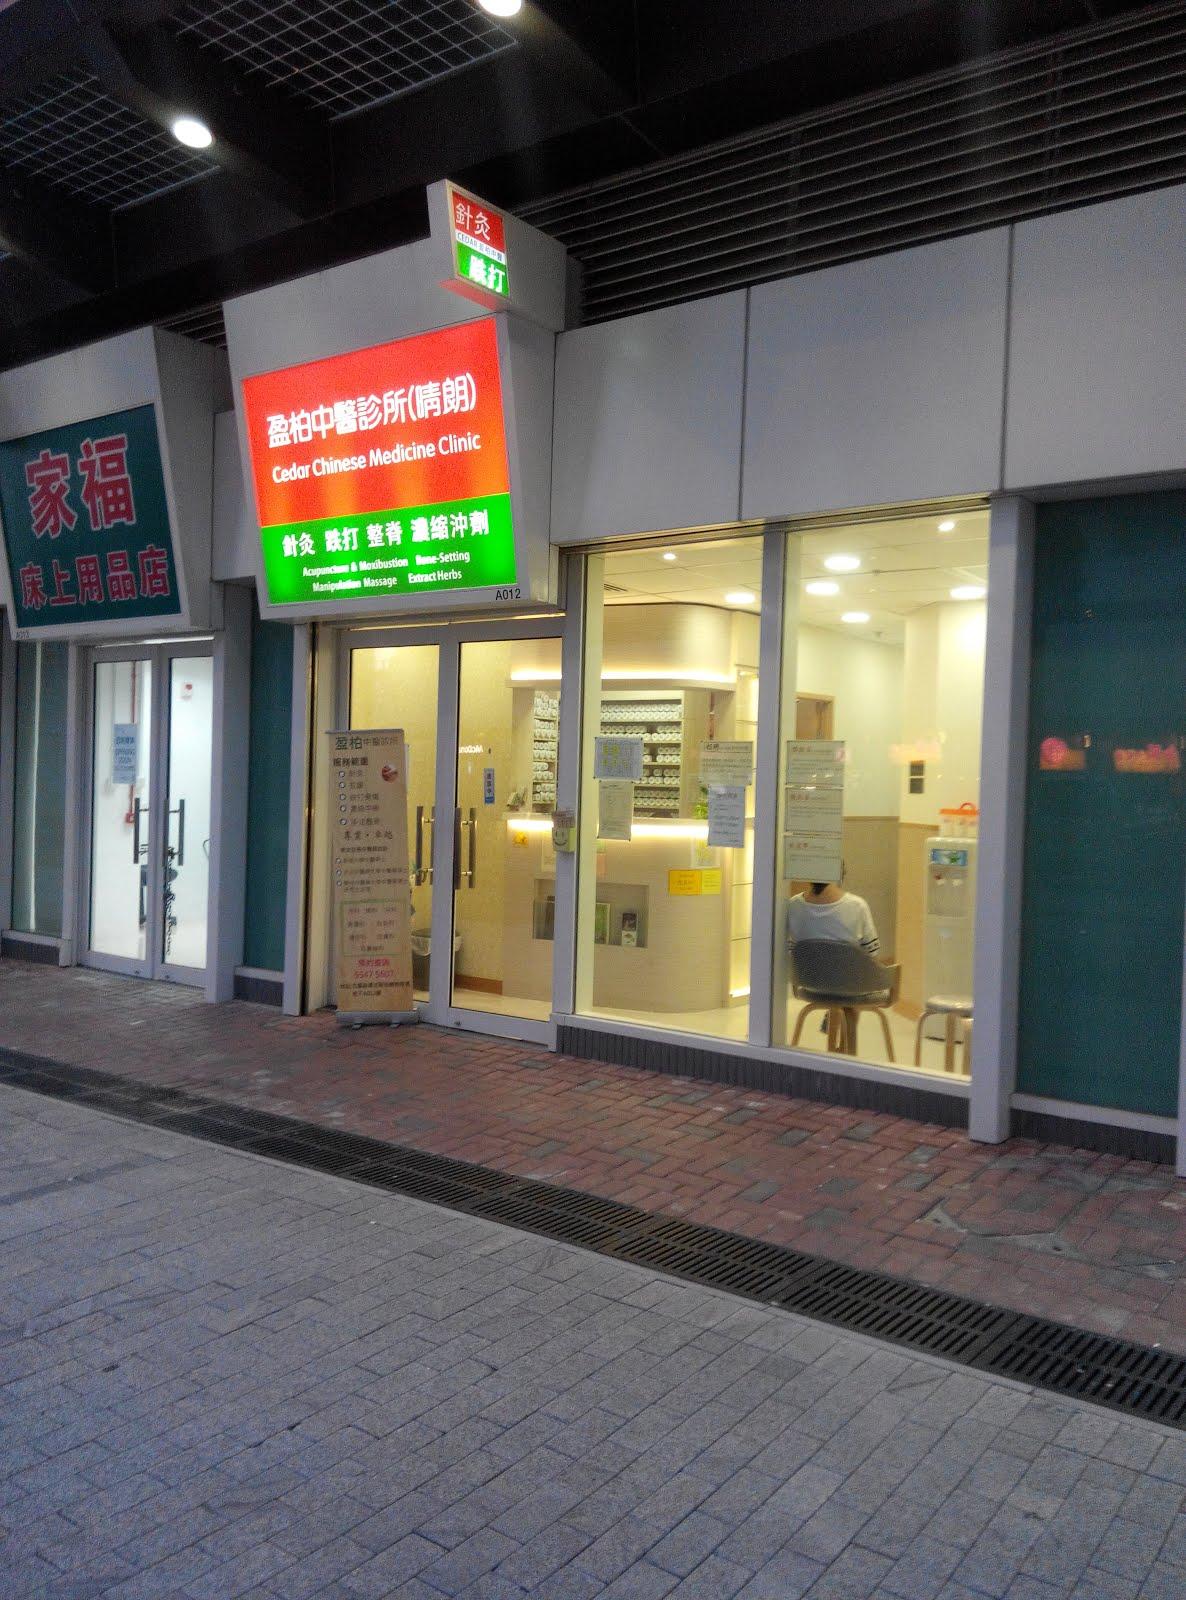 盈柏中醫診所(病友資訊站)Cedar Chinese Medicine Clinic Patients Corner: 診所地址及電話(晴朗)